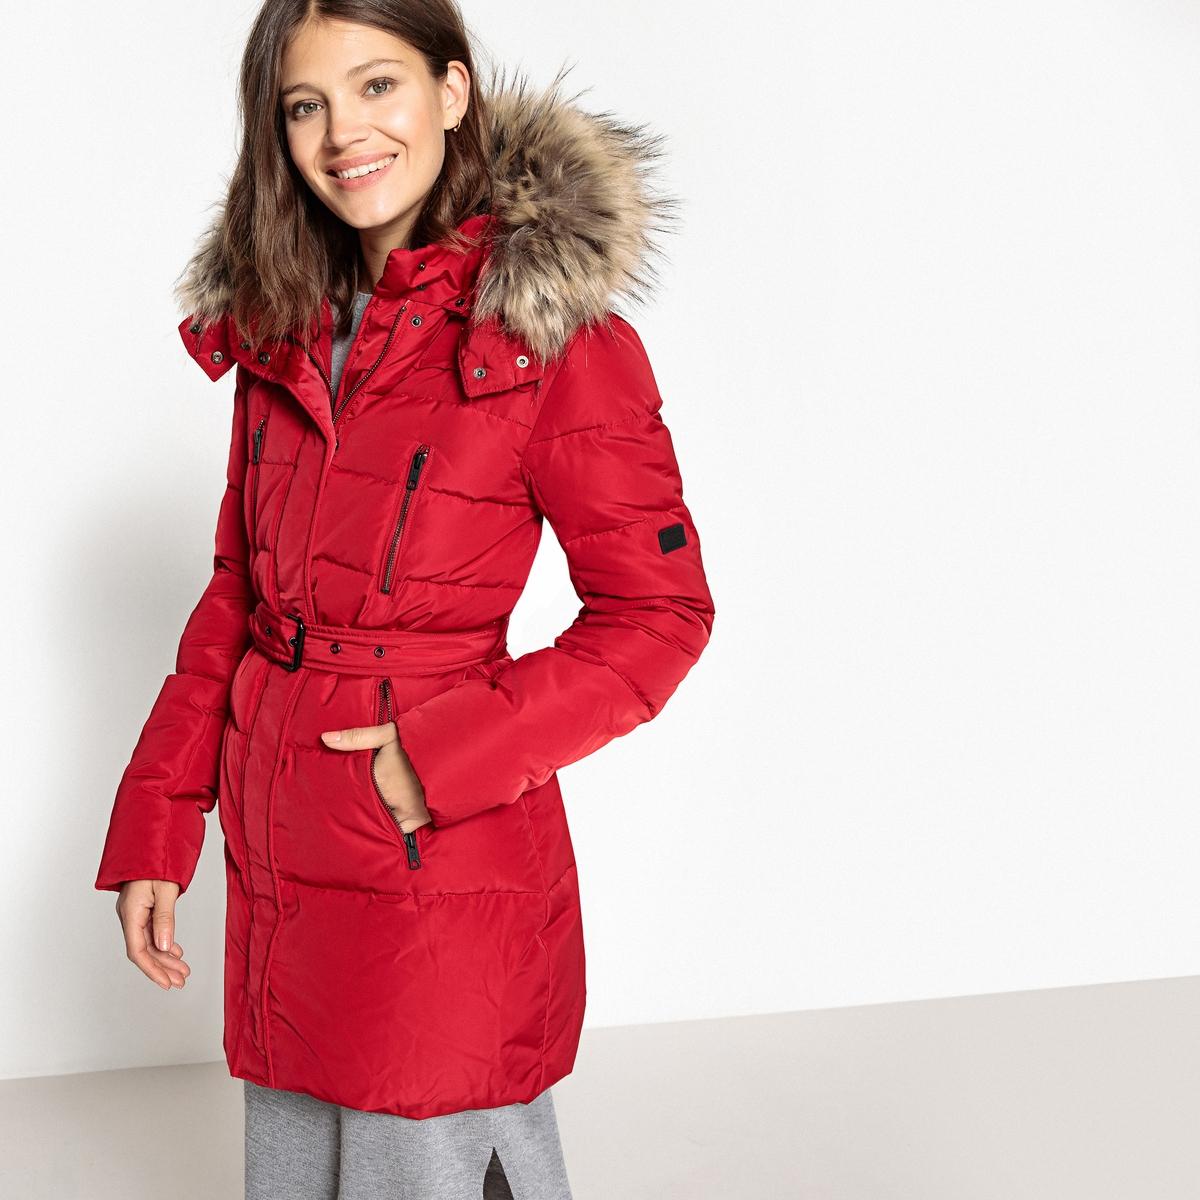 Куртка стеганая с капюшономОписание:зимняя утепленная куртка Betties от PEPE JEANS. Наполнитель из утинного пуха и пера . Капюшон оторочен искусственным мехом. Высокий воротник.Детали •  Длина : удлиненная модель •  Капюшон •  Застежка на молниюСостав и уход •  100% полиэстер •  Следуйте советам по уходу, указанным на этикетке<br><br>Цвет: черный